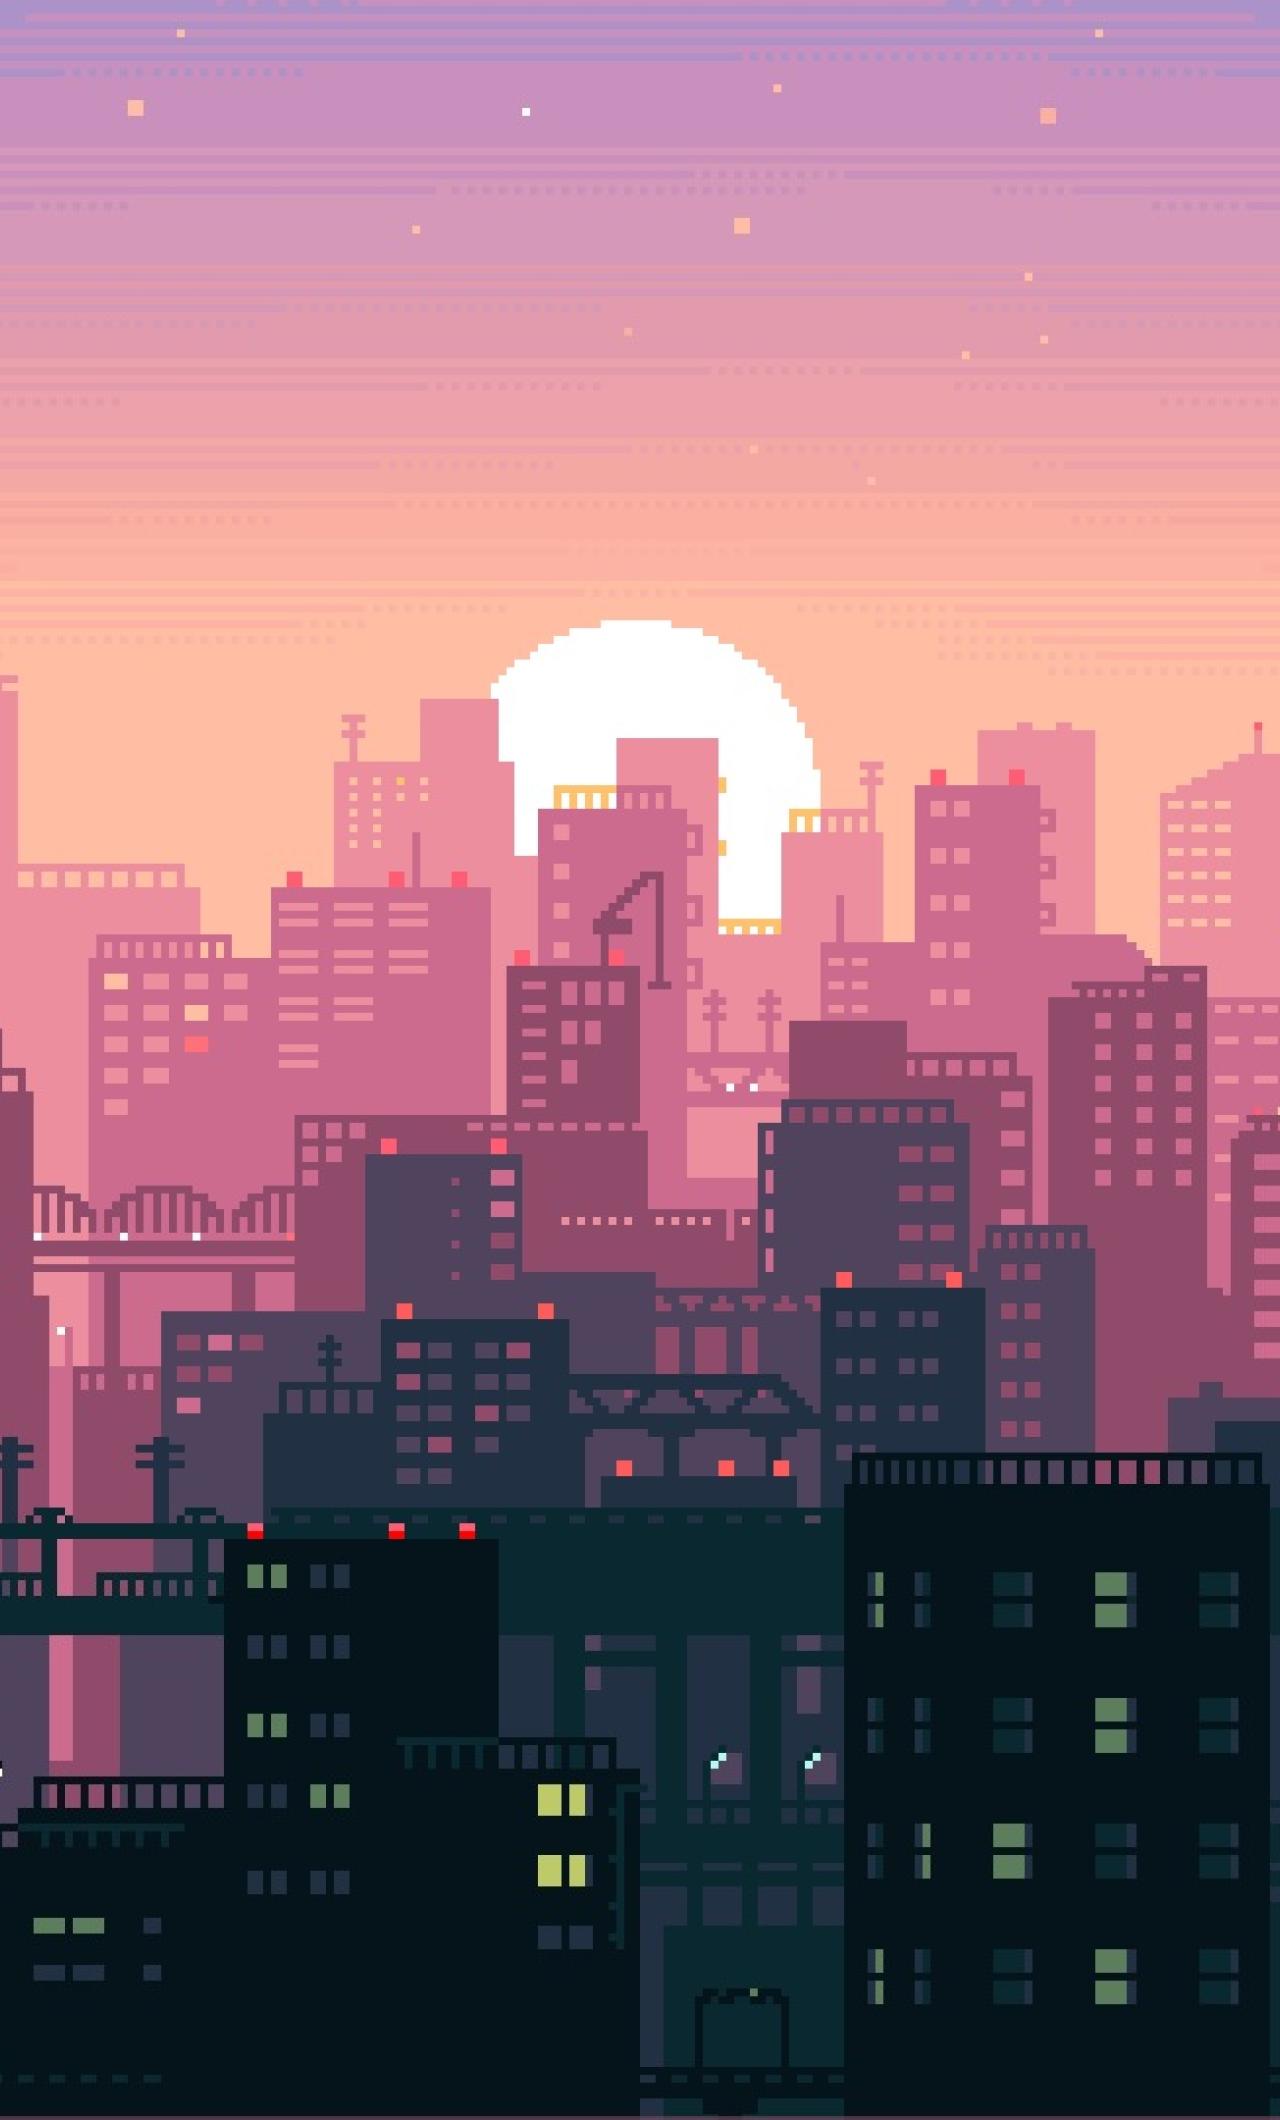 1280x2120 City Building Sunshine Pixel Art Iphone 6 Plus Wallpaper